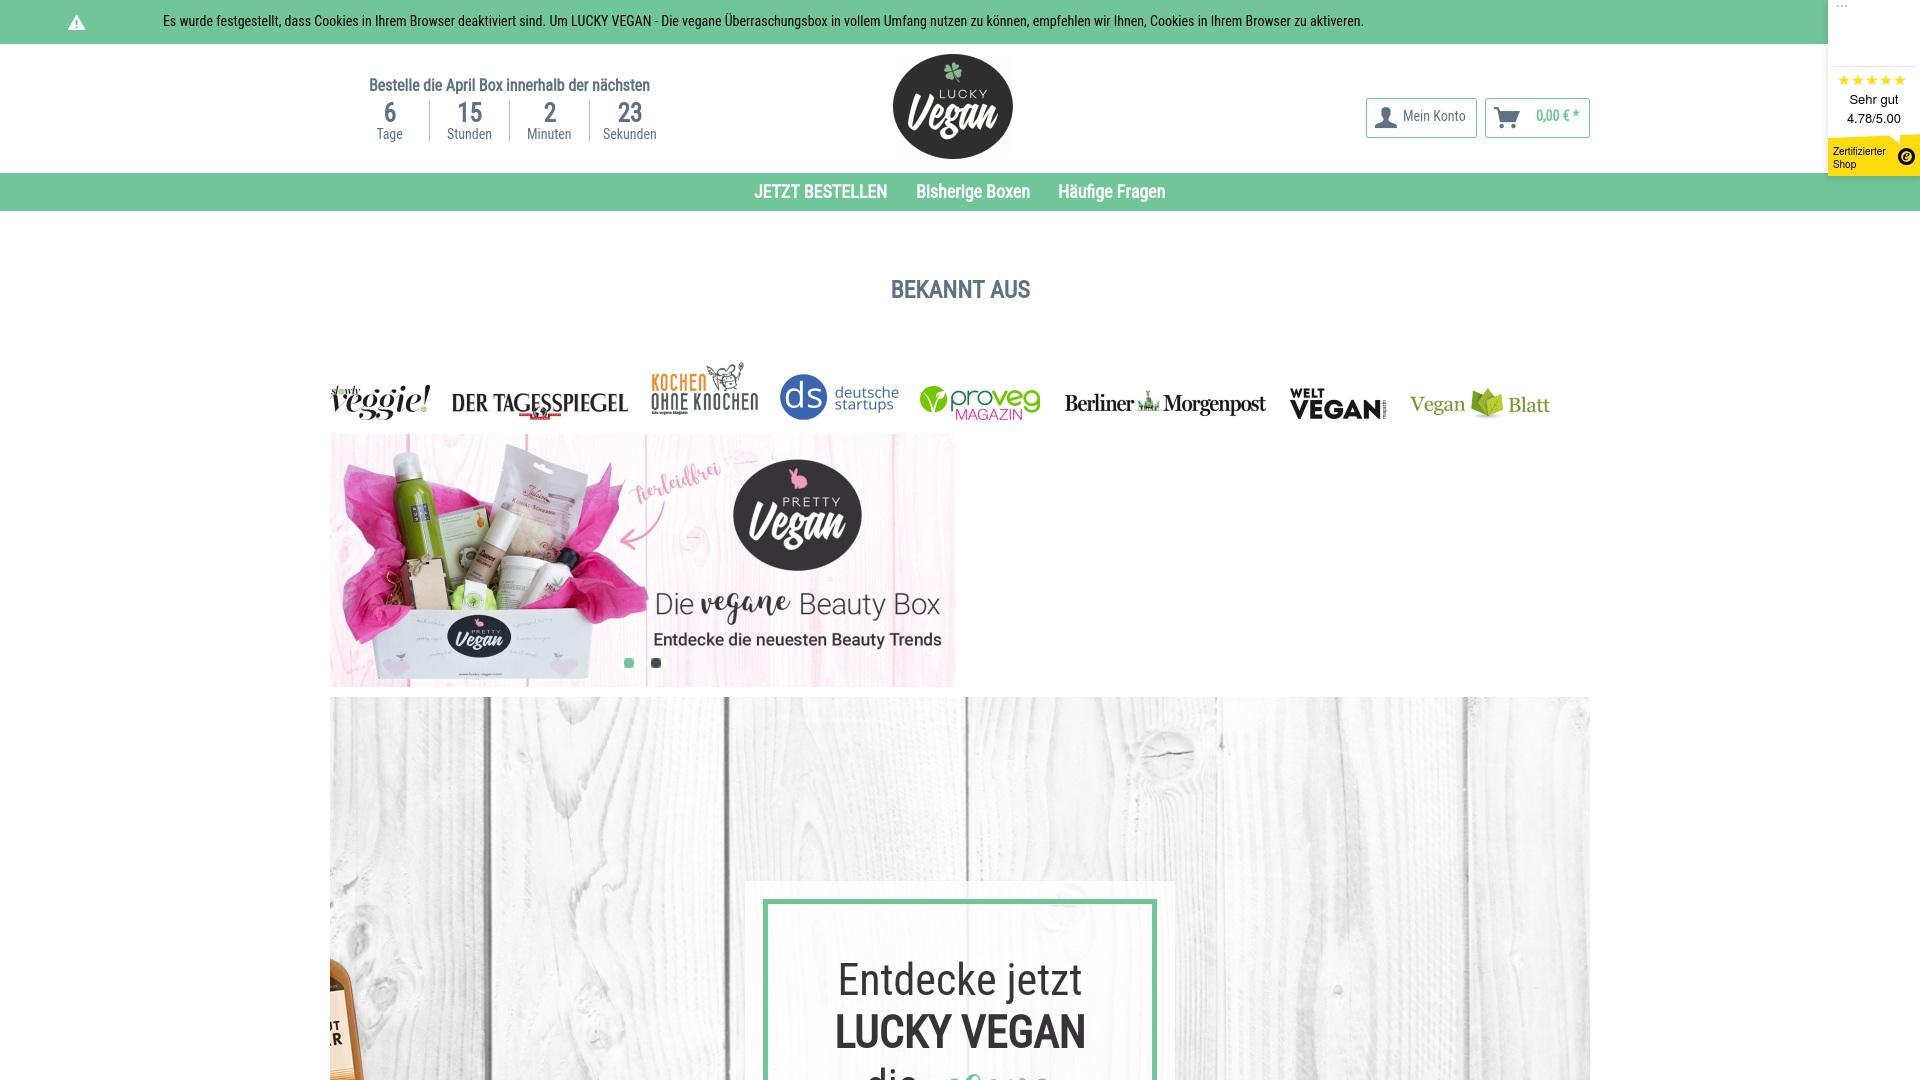 Gutschein für Lucky-vegan: Rabatte für  Lucky-vegan sichern